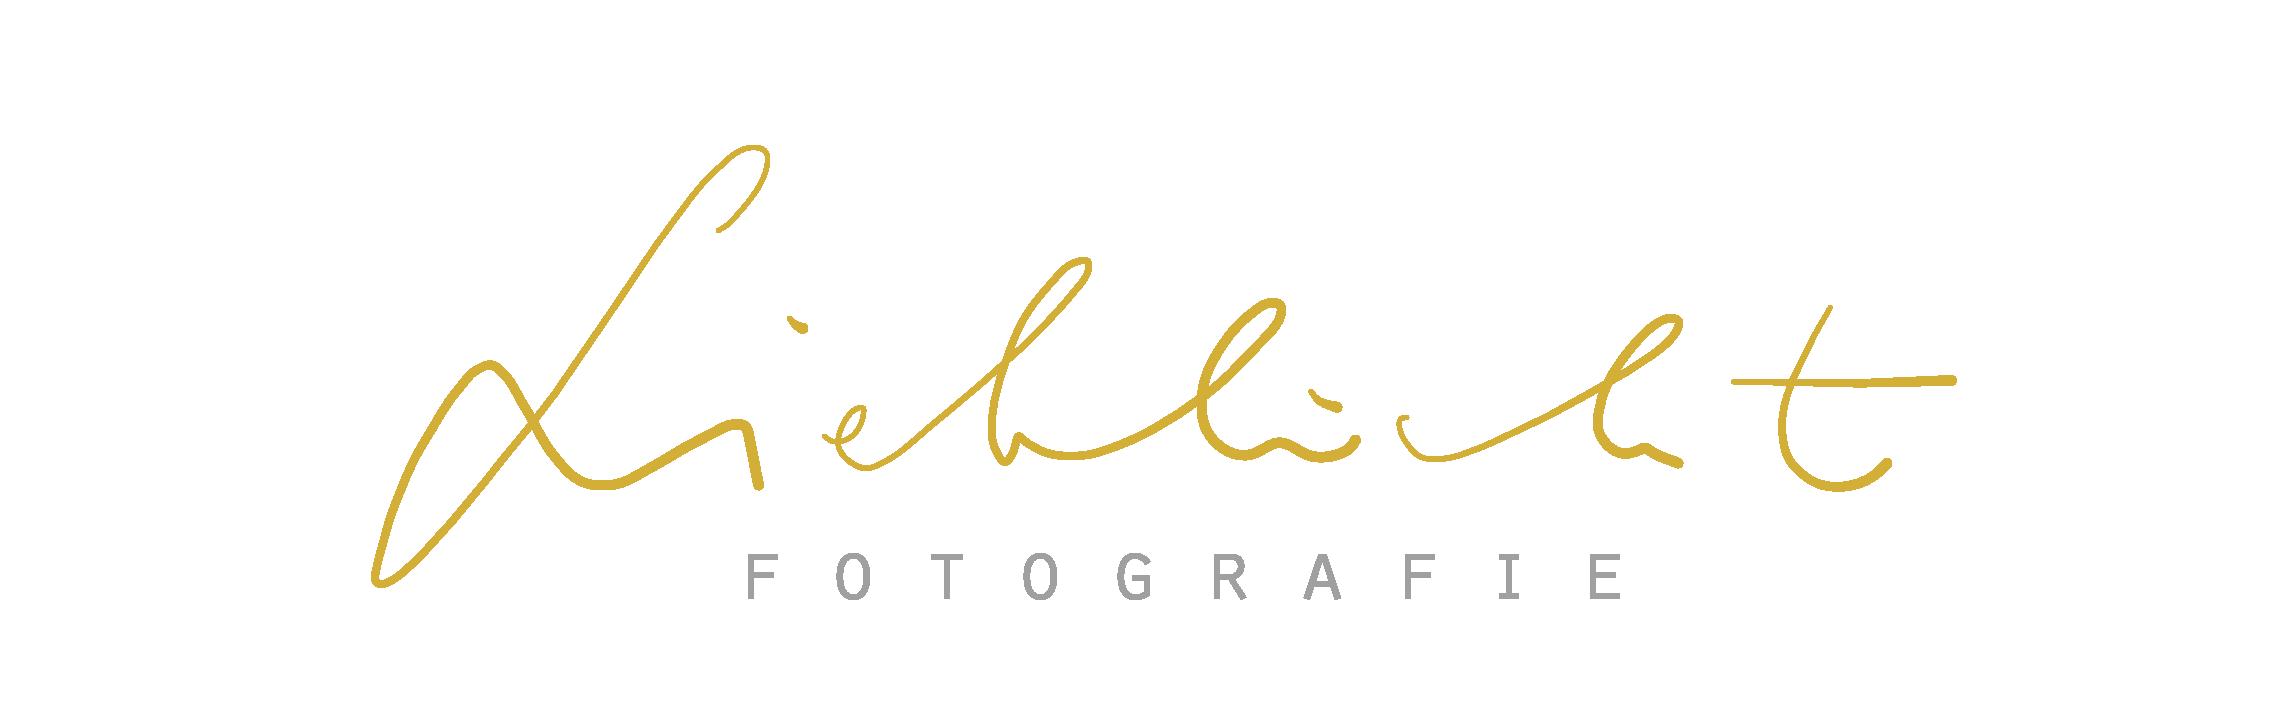 Lieblicht_Logo_hp-01